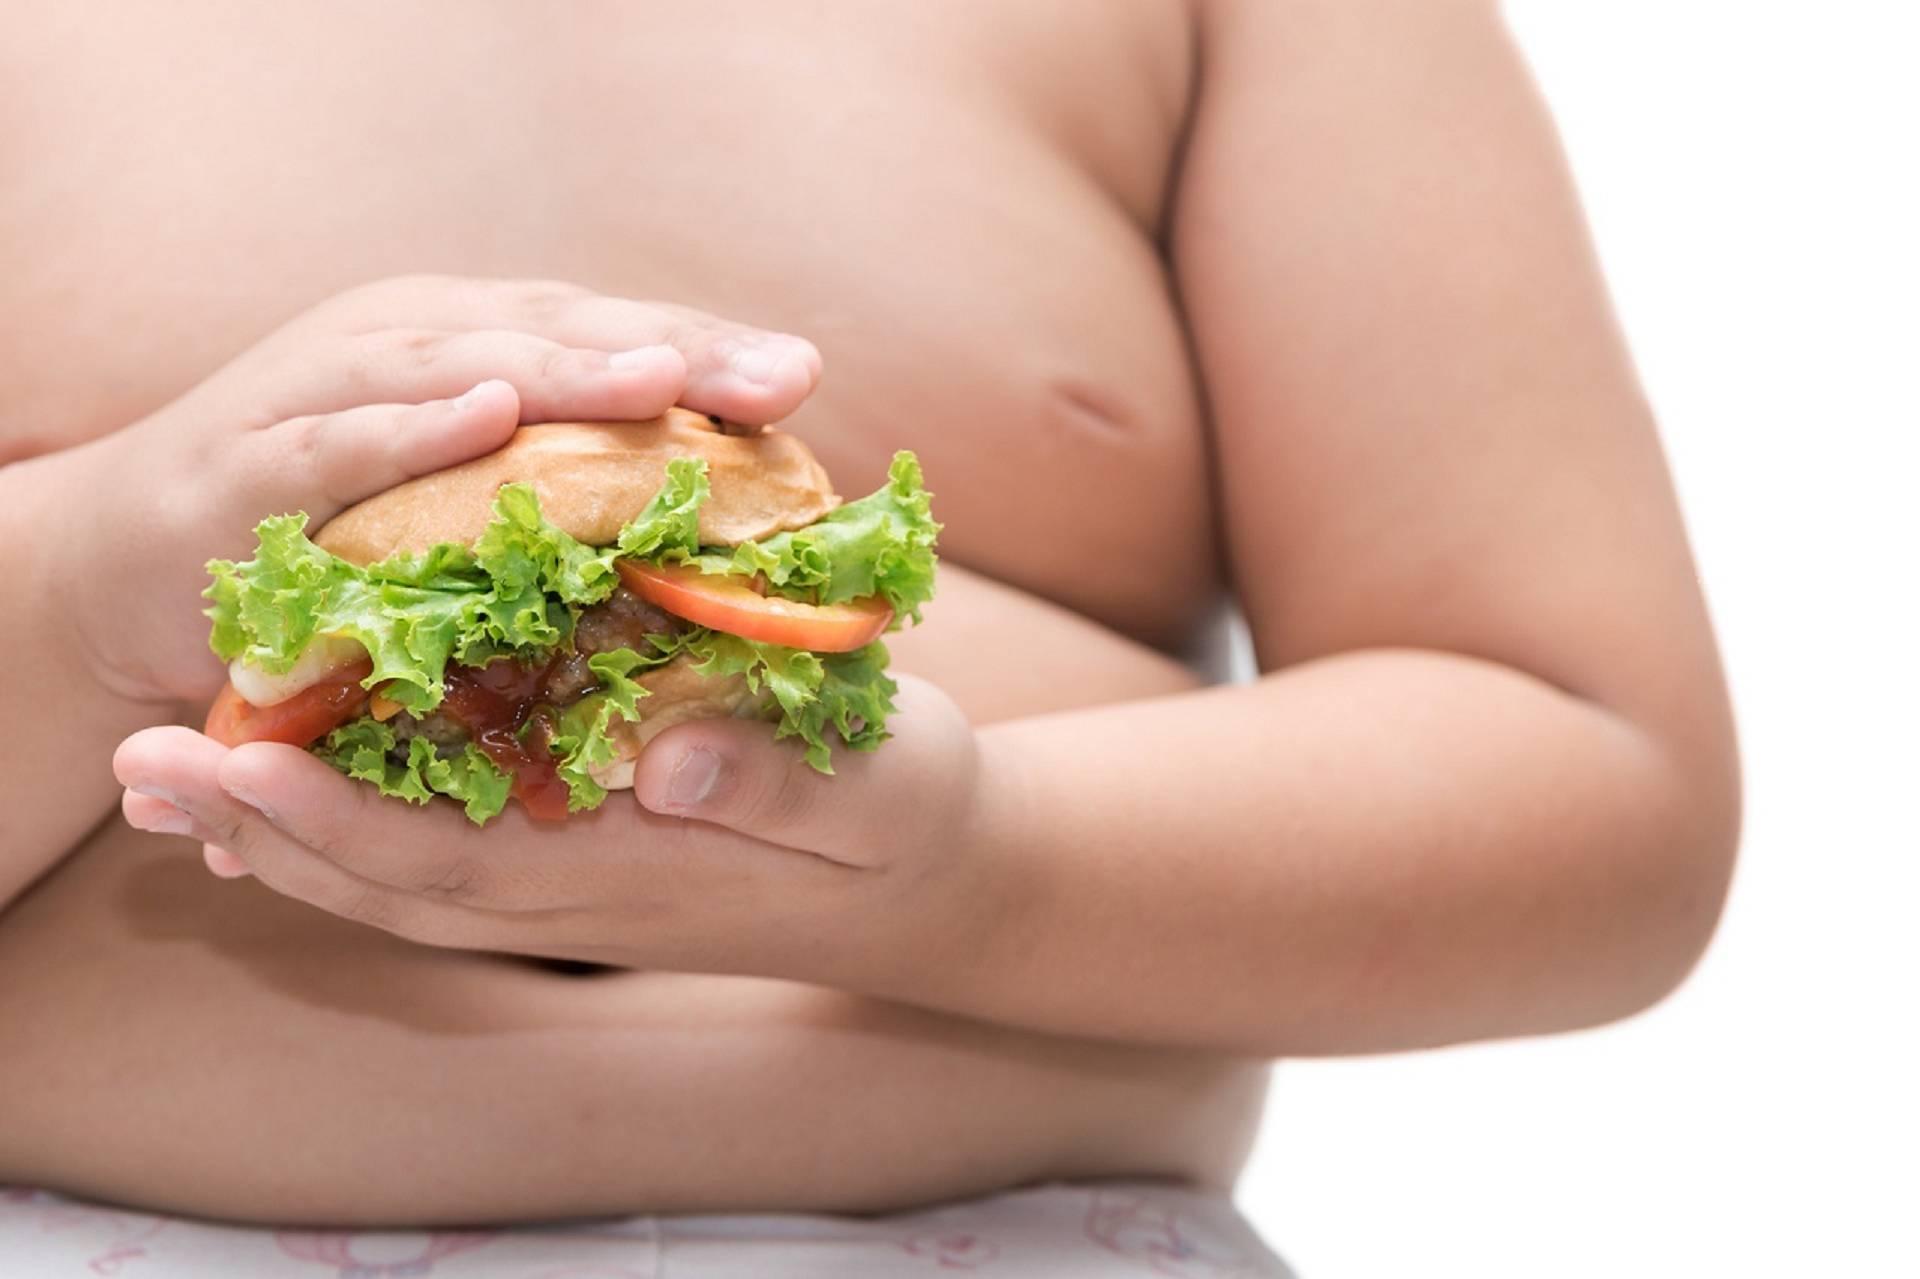 """Süchtig nach Essen: Wie uns das Konzept der """"Esssucht"""" dabei helfen kann Übergewicht & Fettleibigkeit besser zu verstehen"""